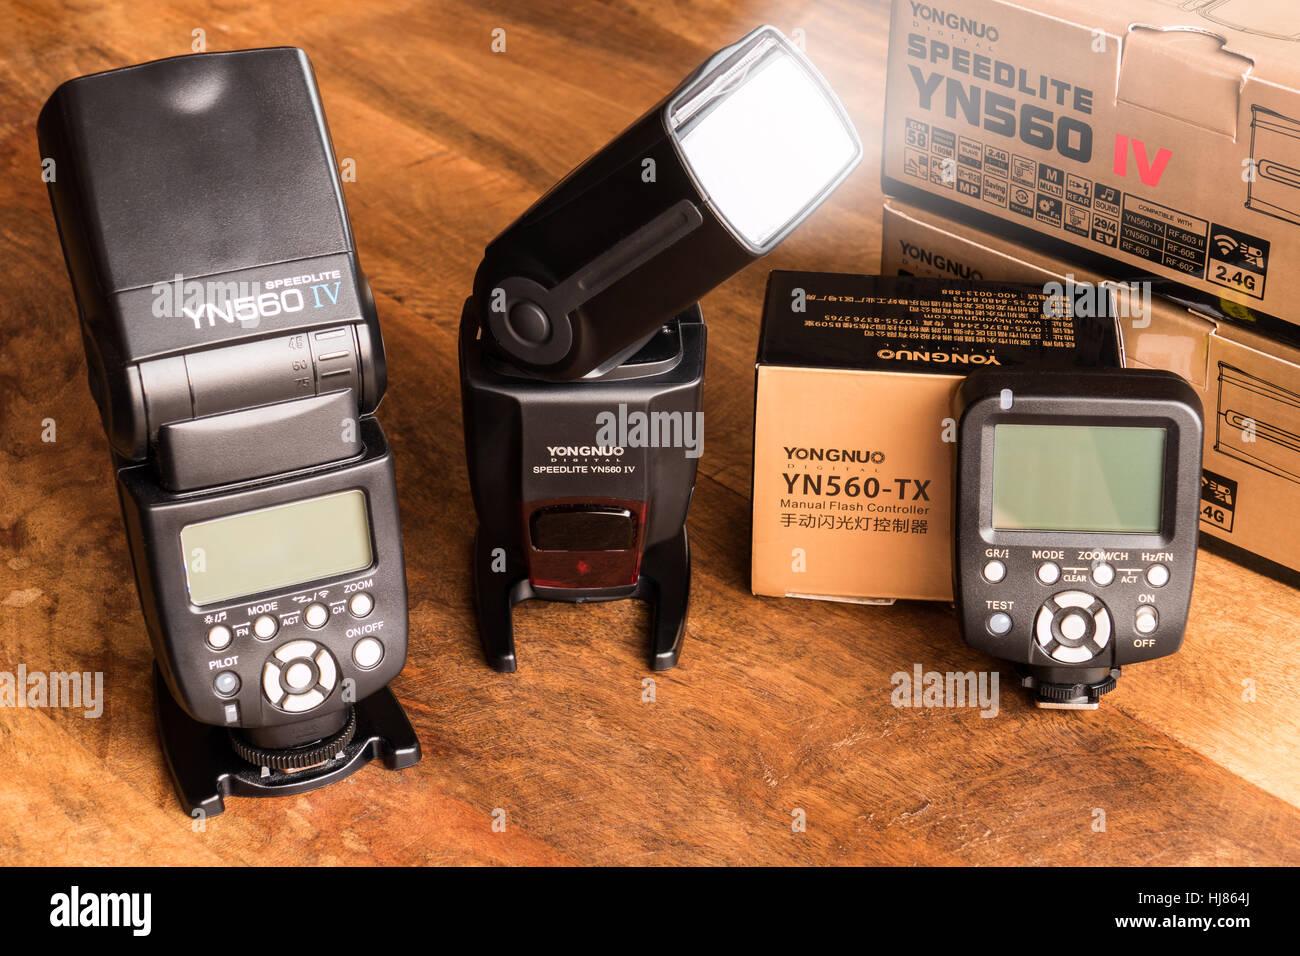 New Yongnuo YN560 IV speedlite set with wireless YN560-TX trigger on wooden table - Stock Image